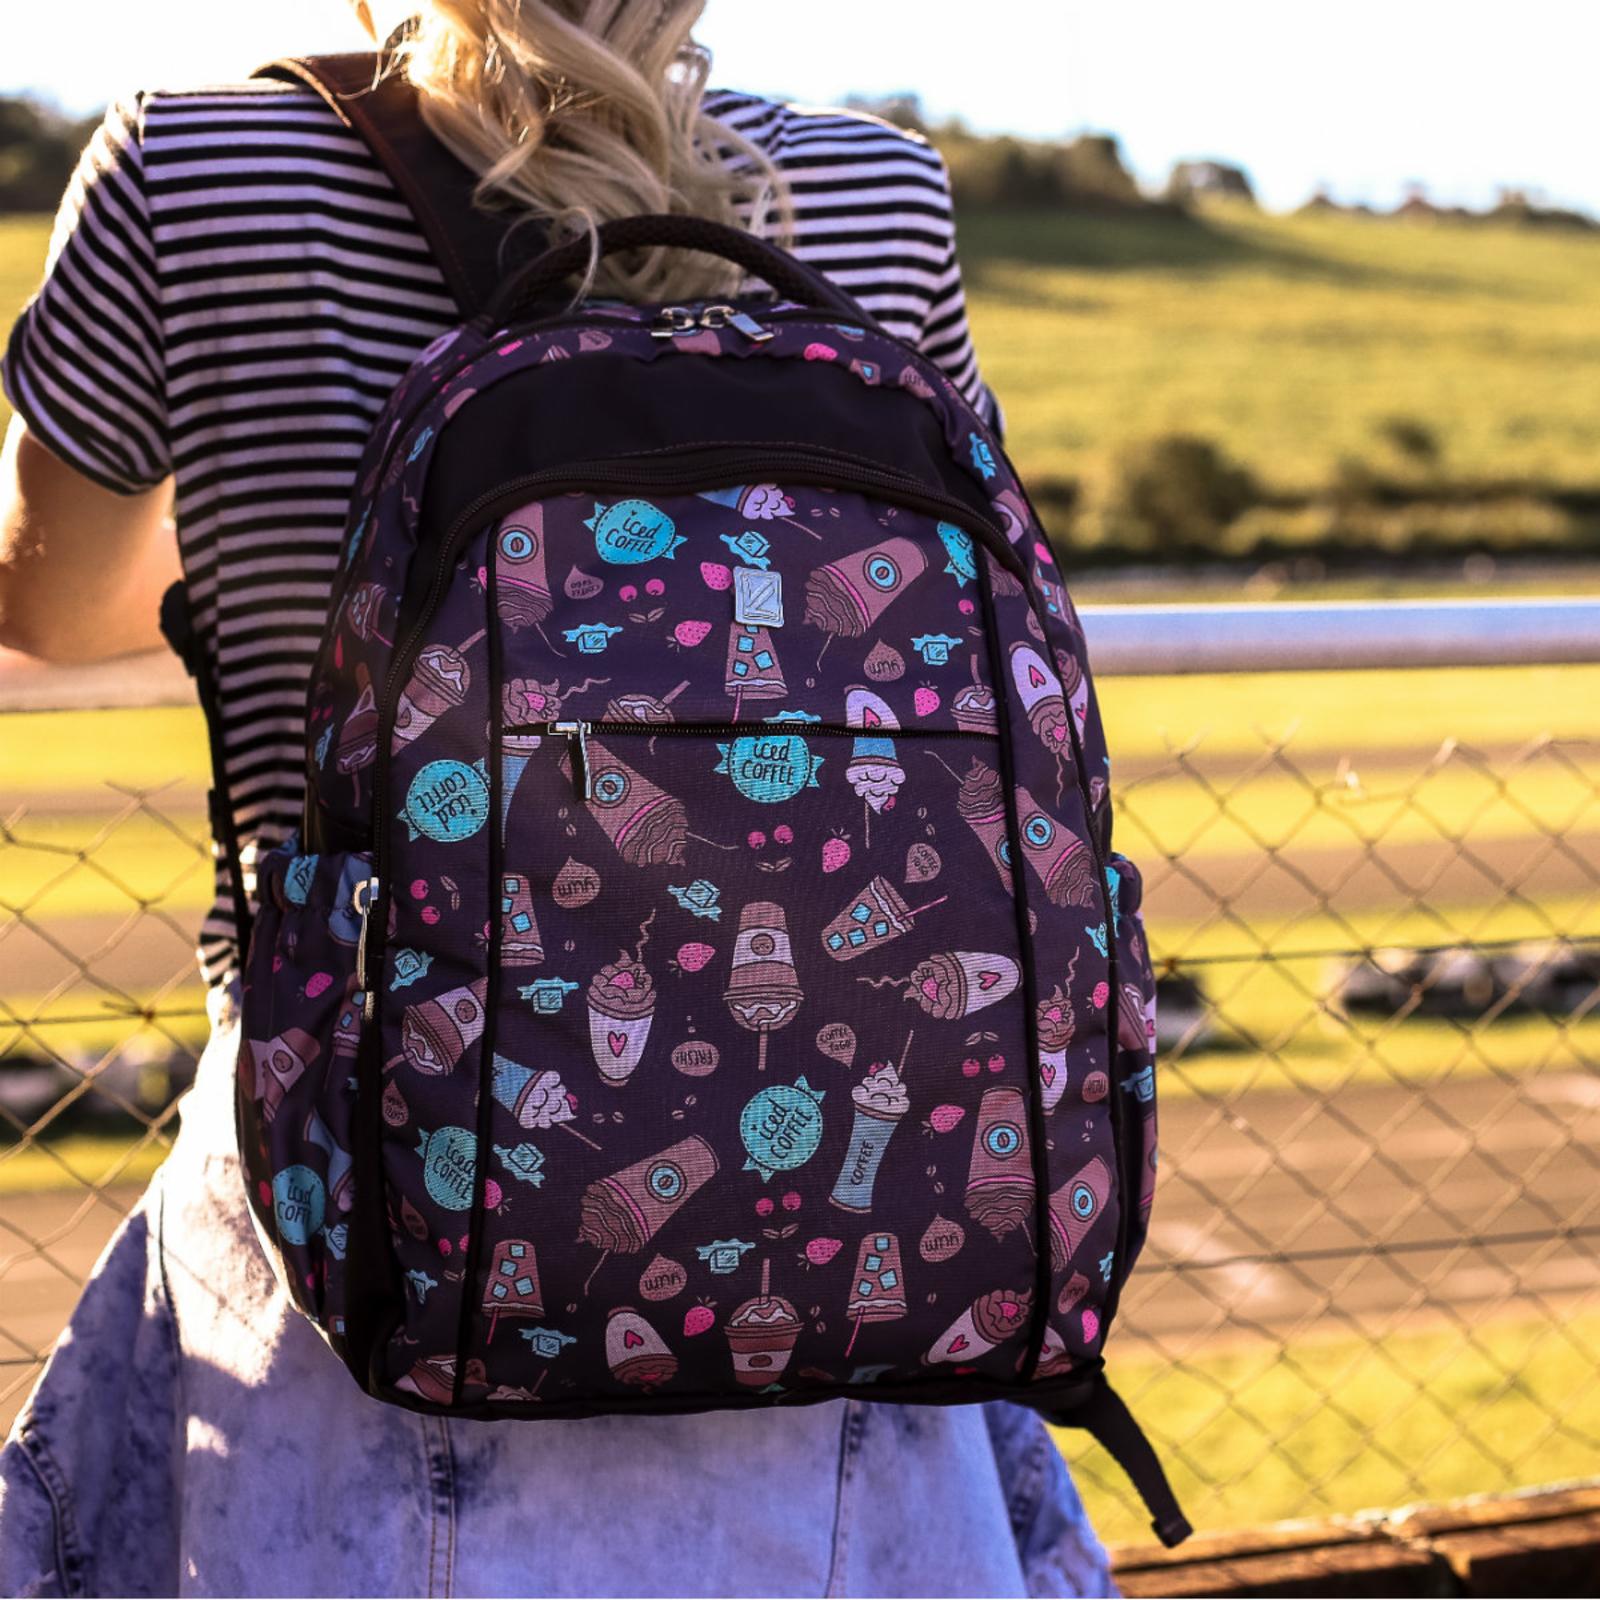 aa4b9d4d9 Mochila Feminina Estampada Viclub | Products | Backpacks, Vera ...